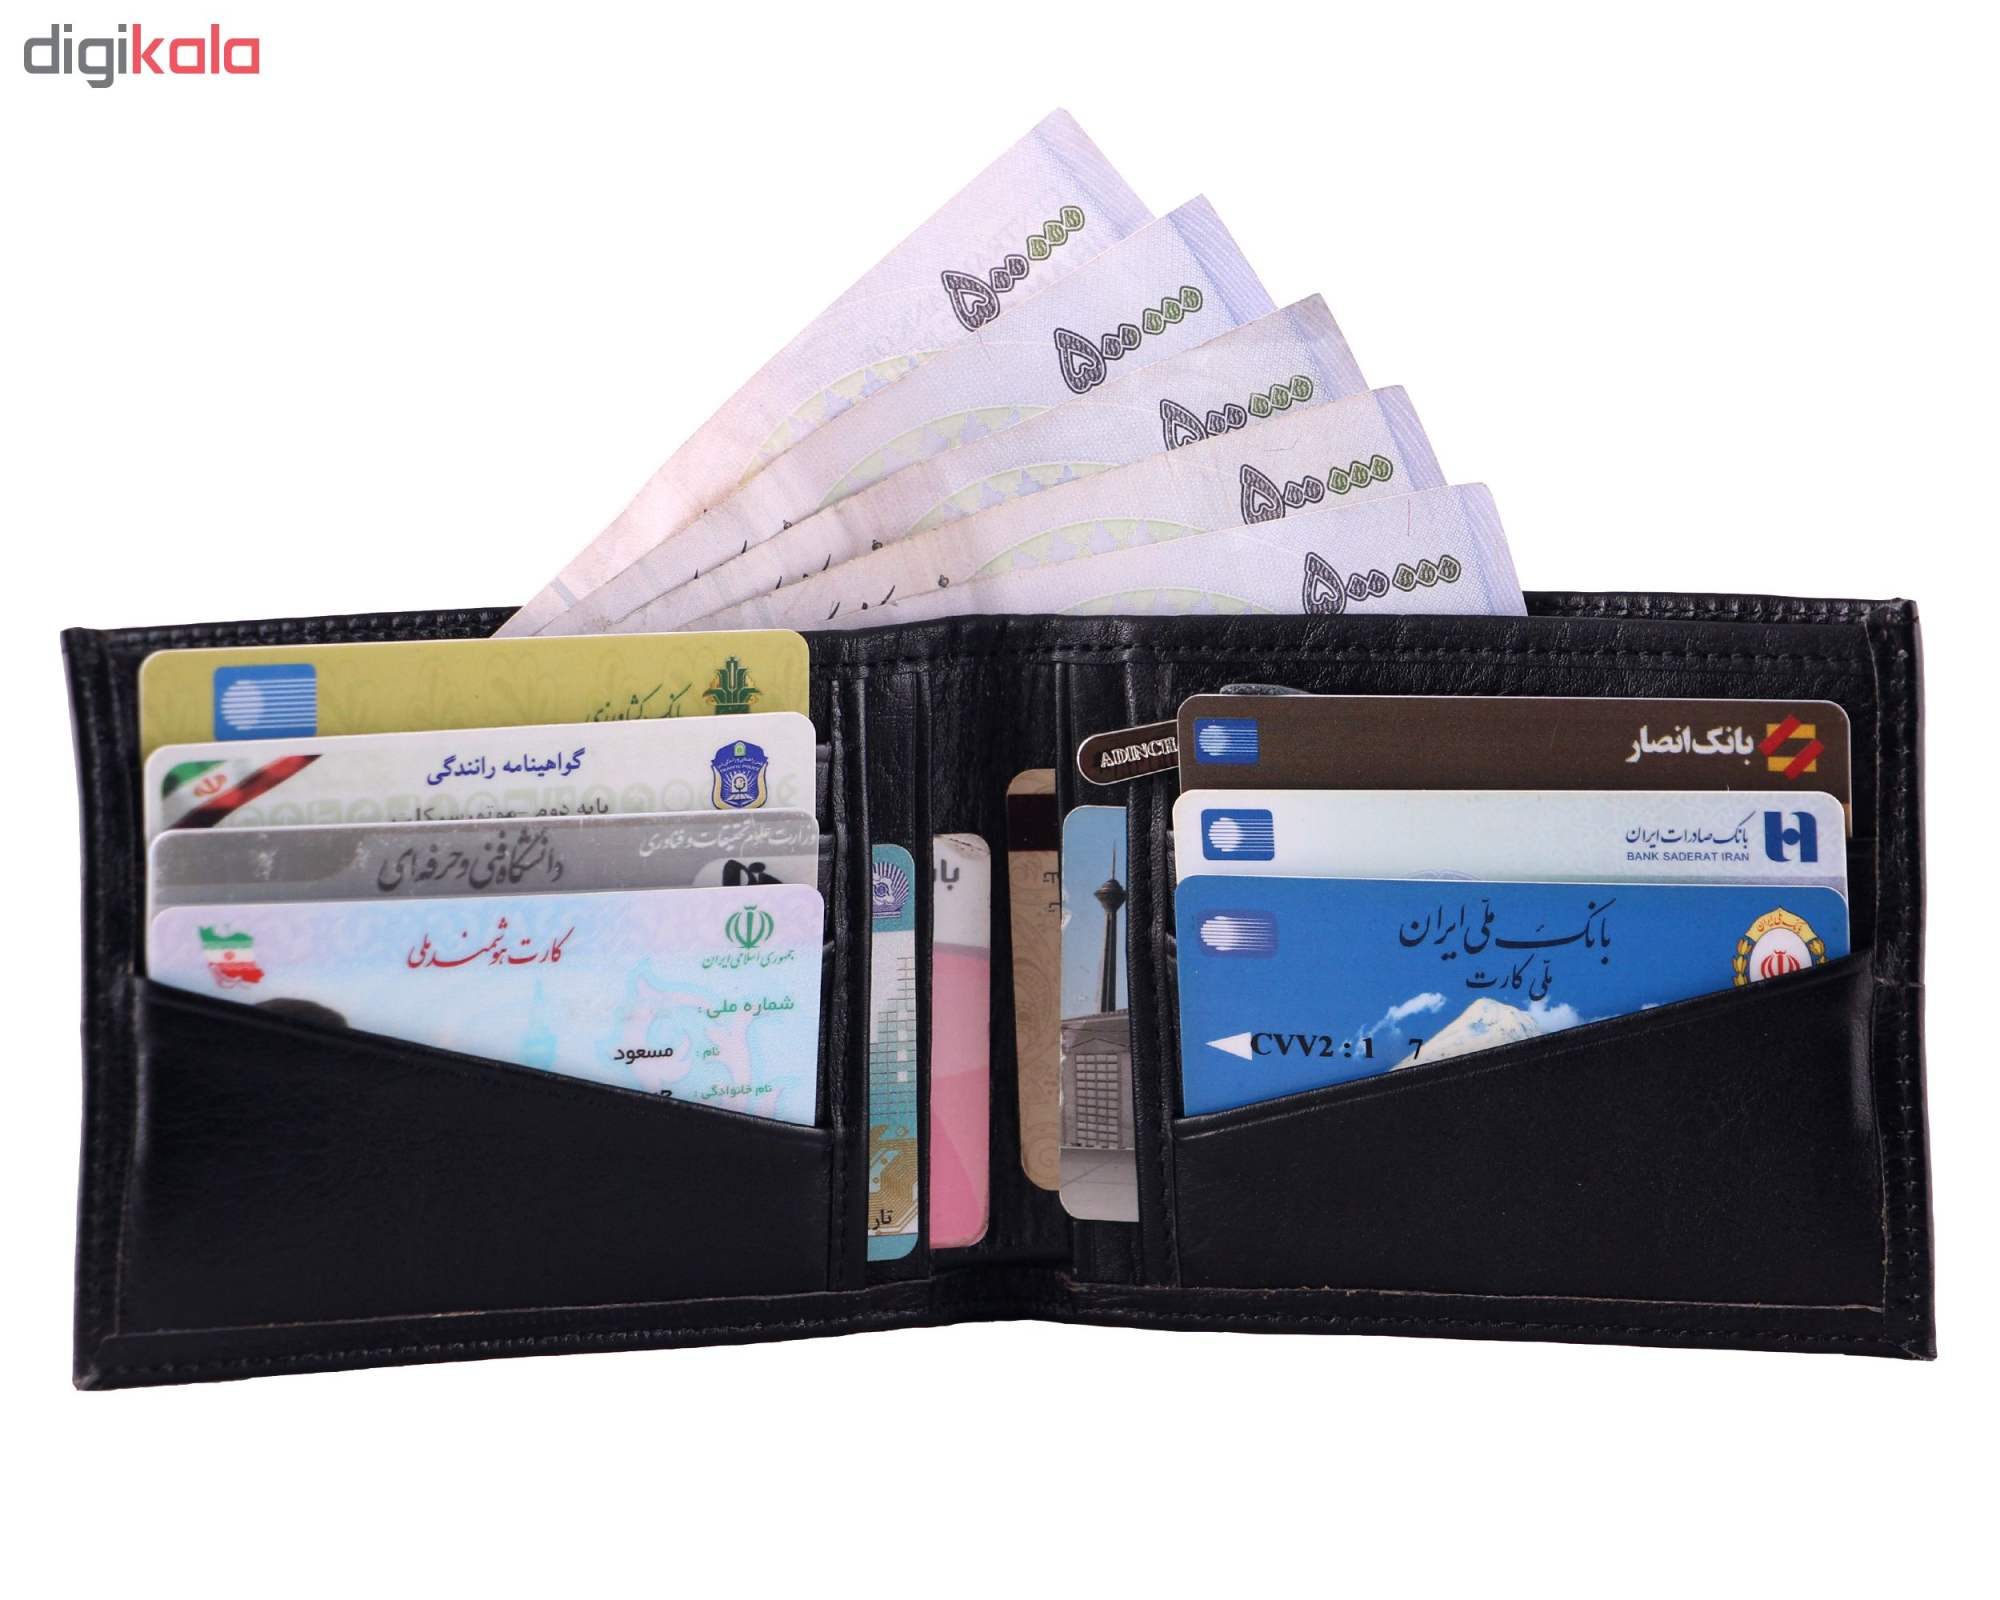 کیف پول مردانه آدین چرم کد DM78 main 1 12